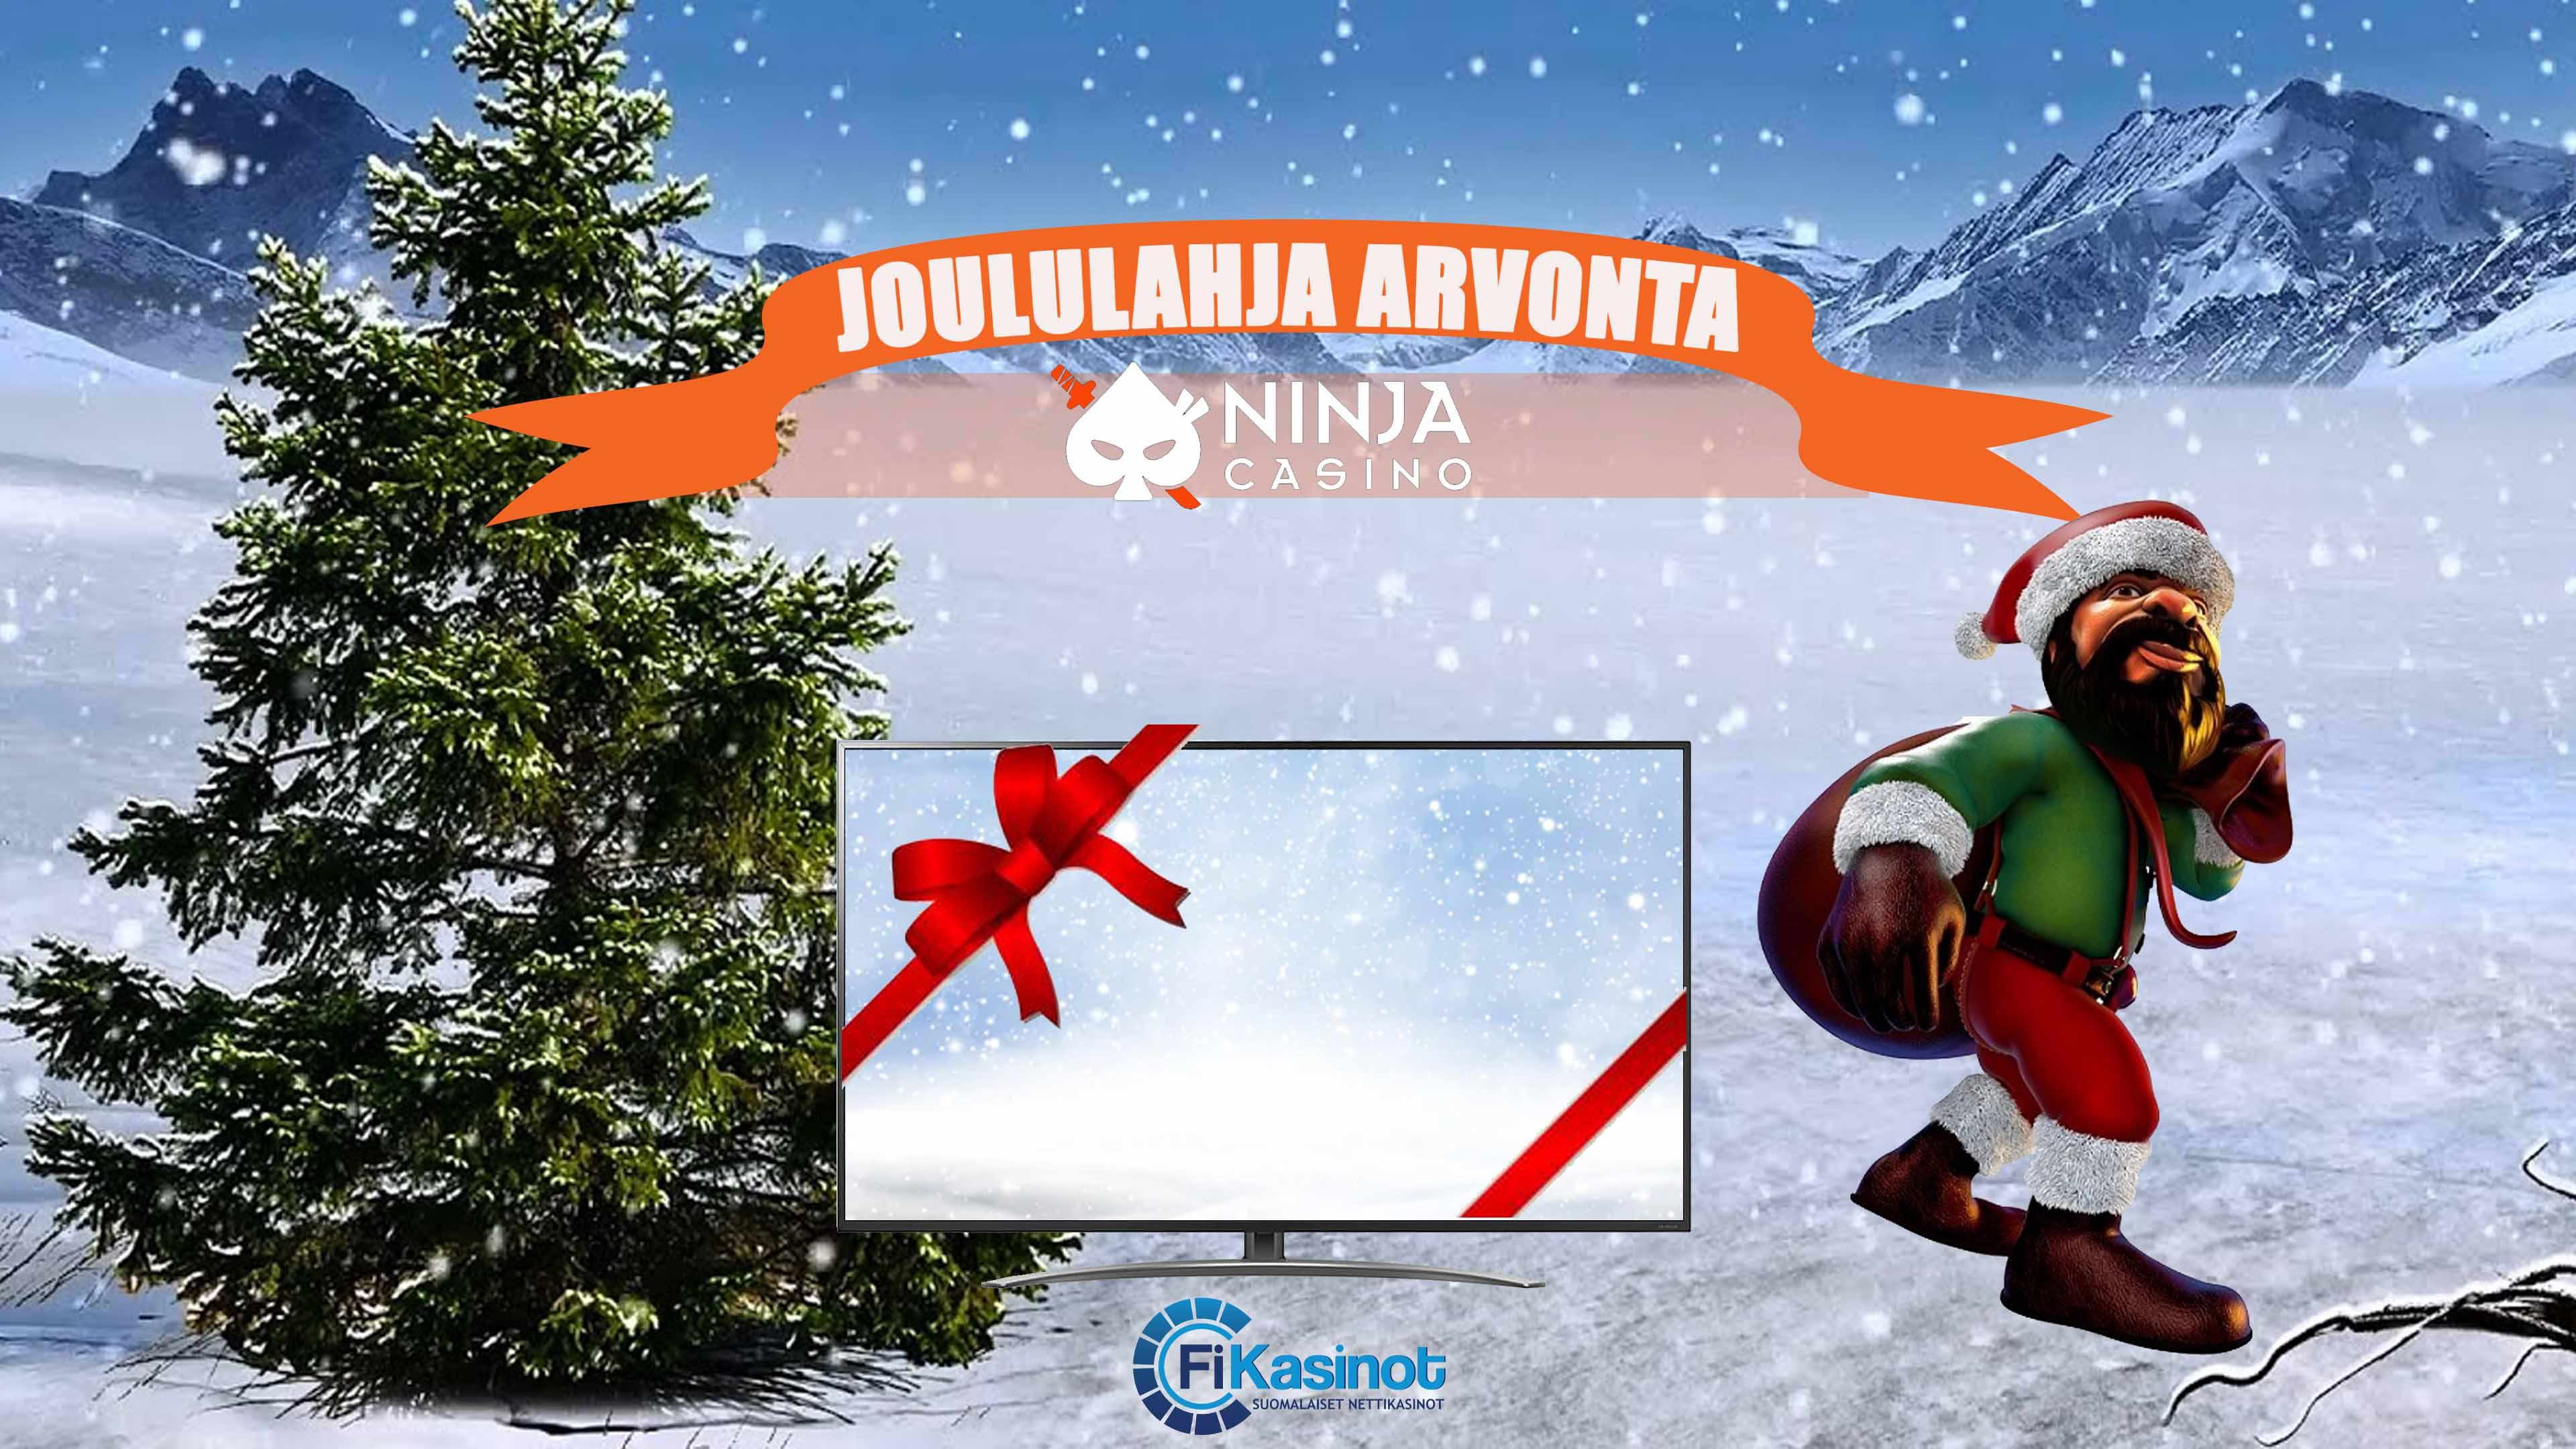 Joululahja arvonta Ninja Casinolla 12.12 asti